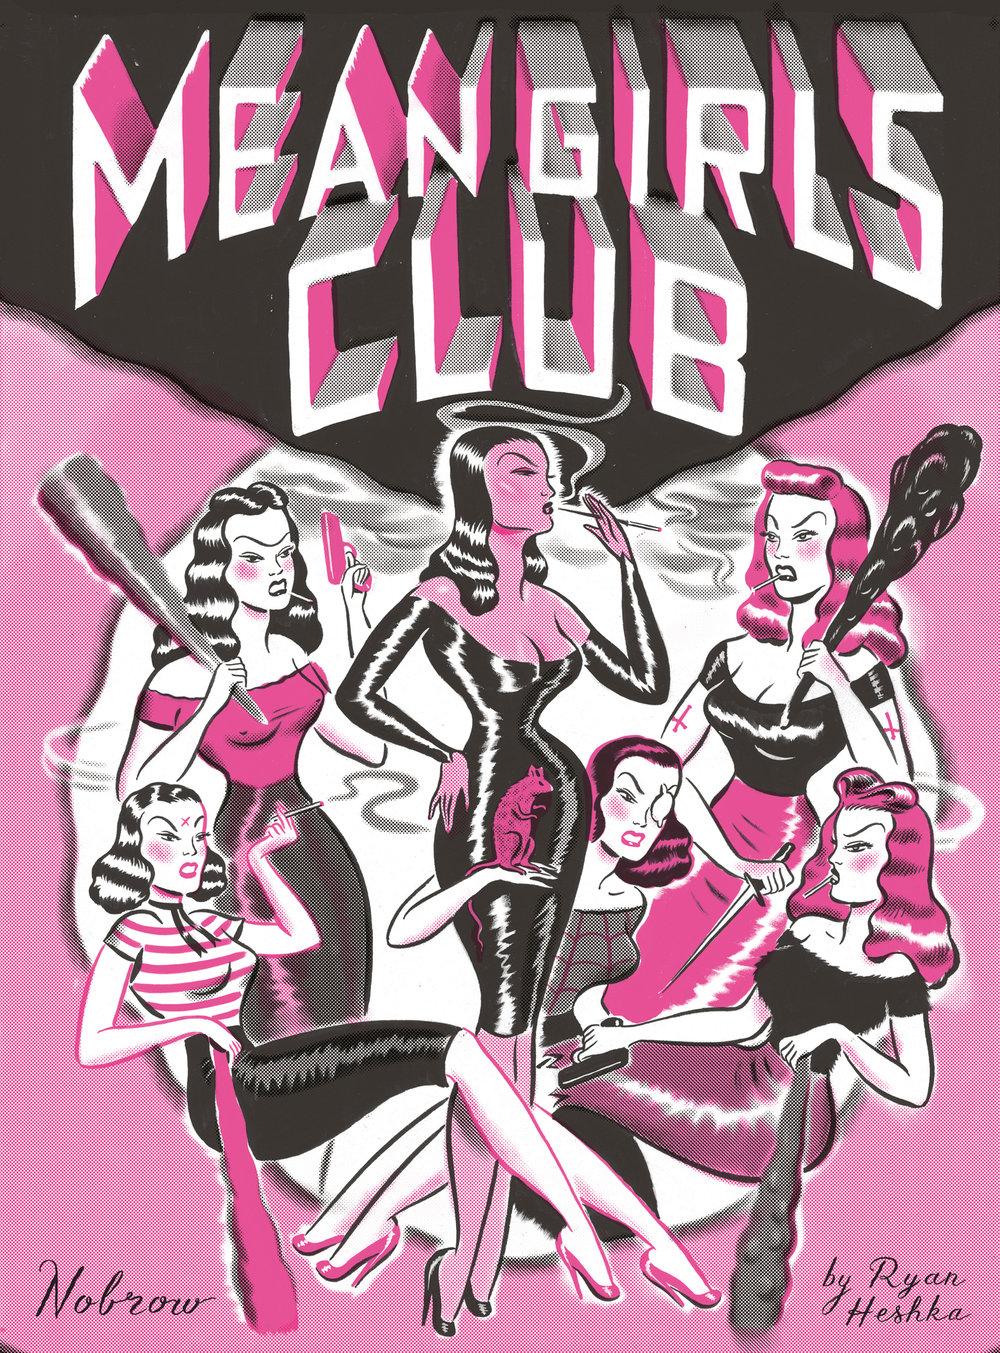 MeanGirlsClub